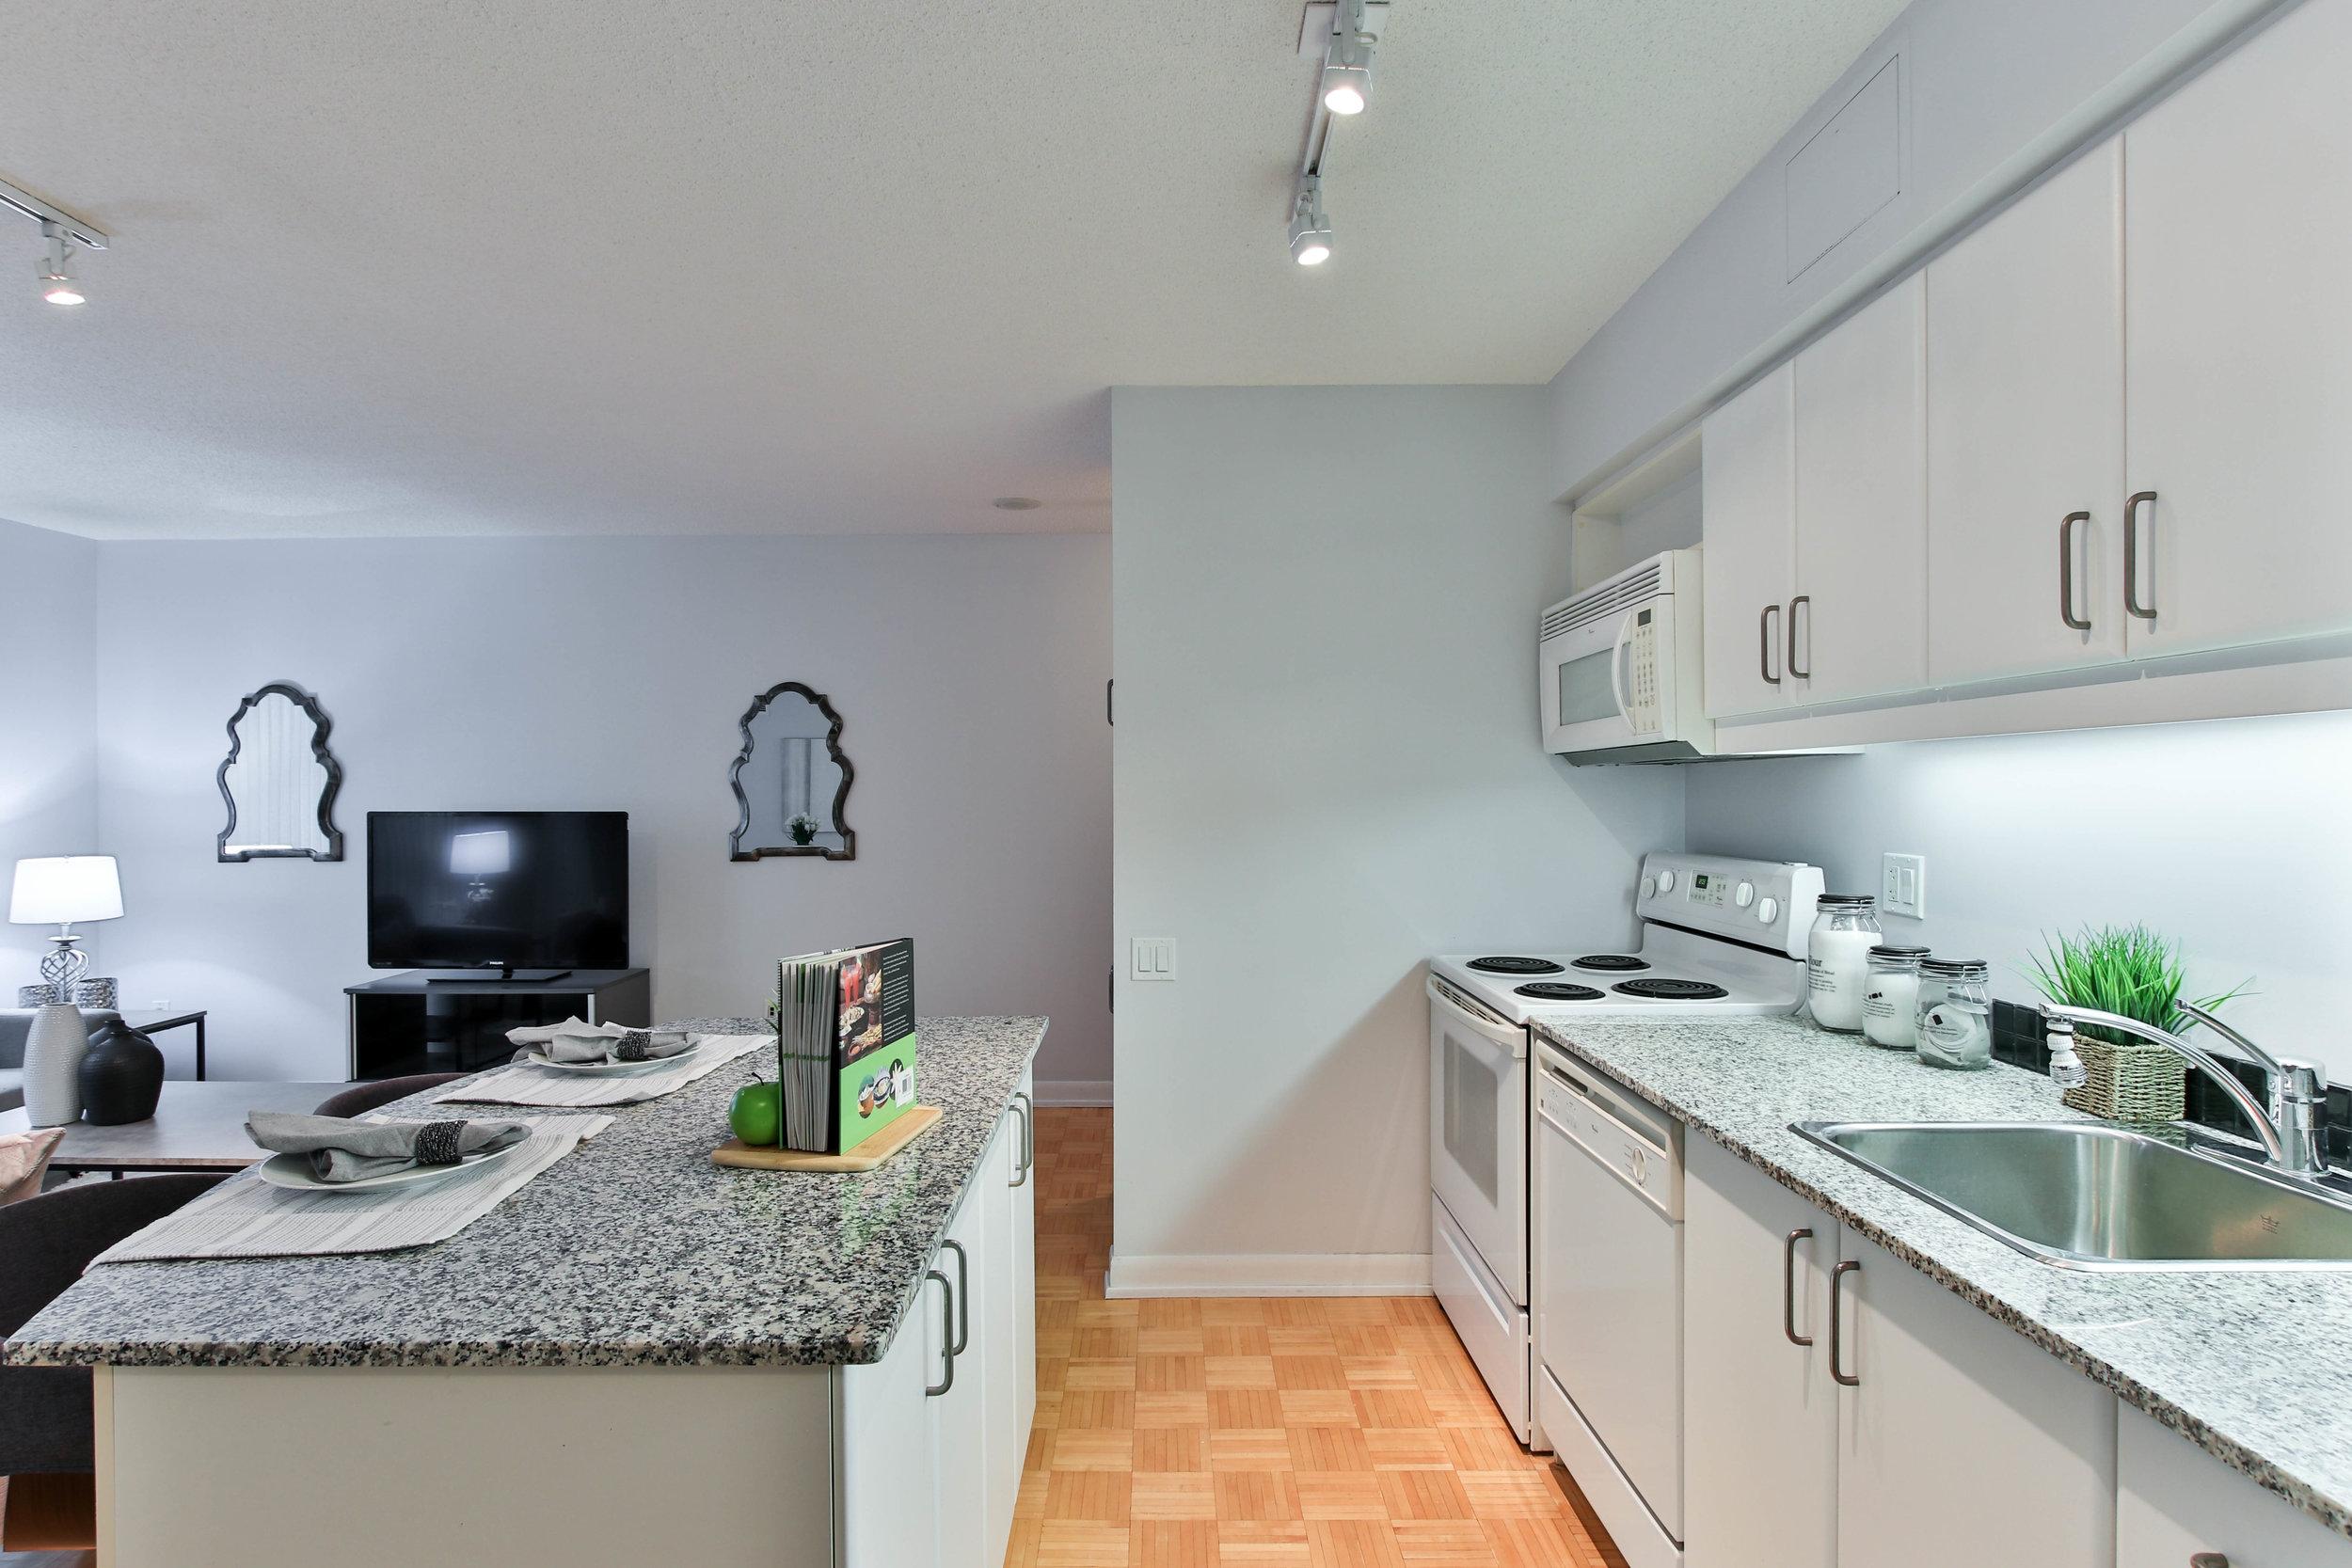 10_Kitchen (1 of 1).jpg